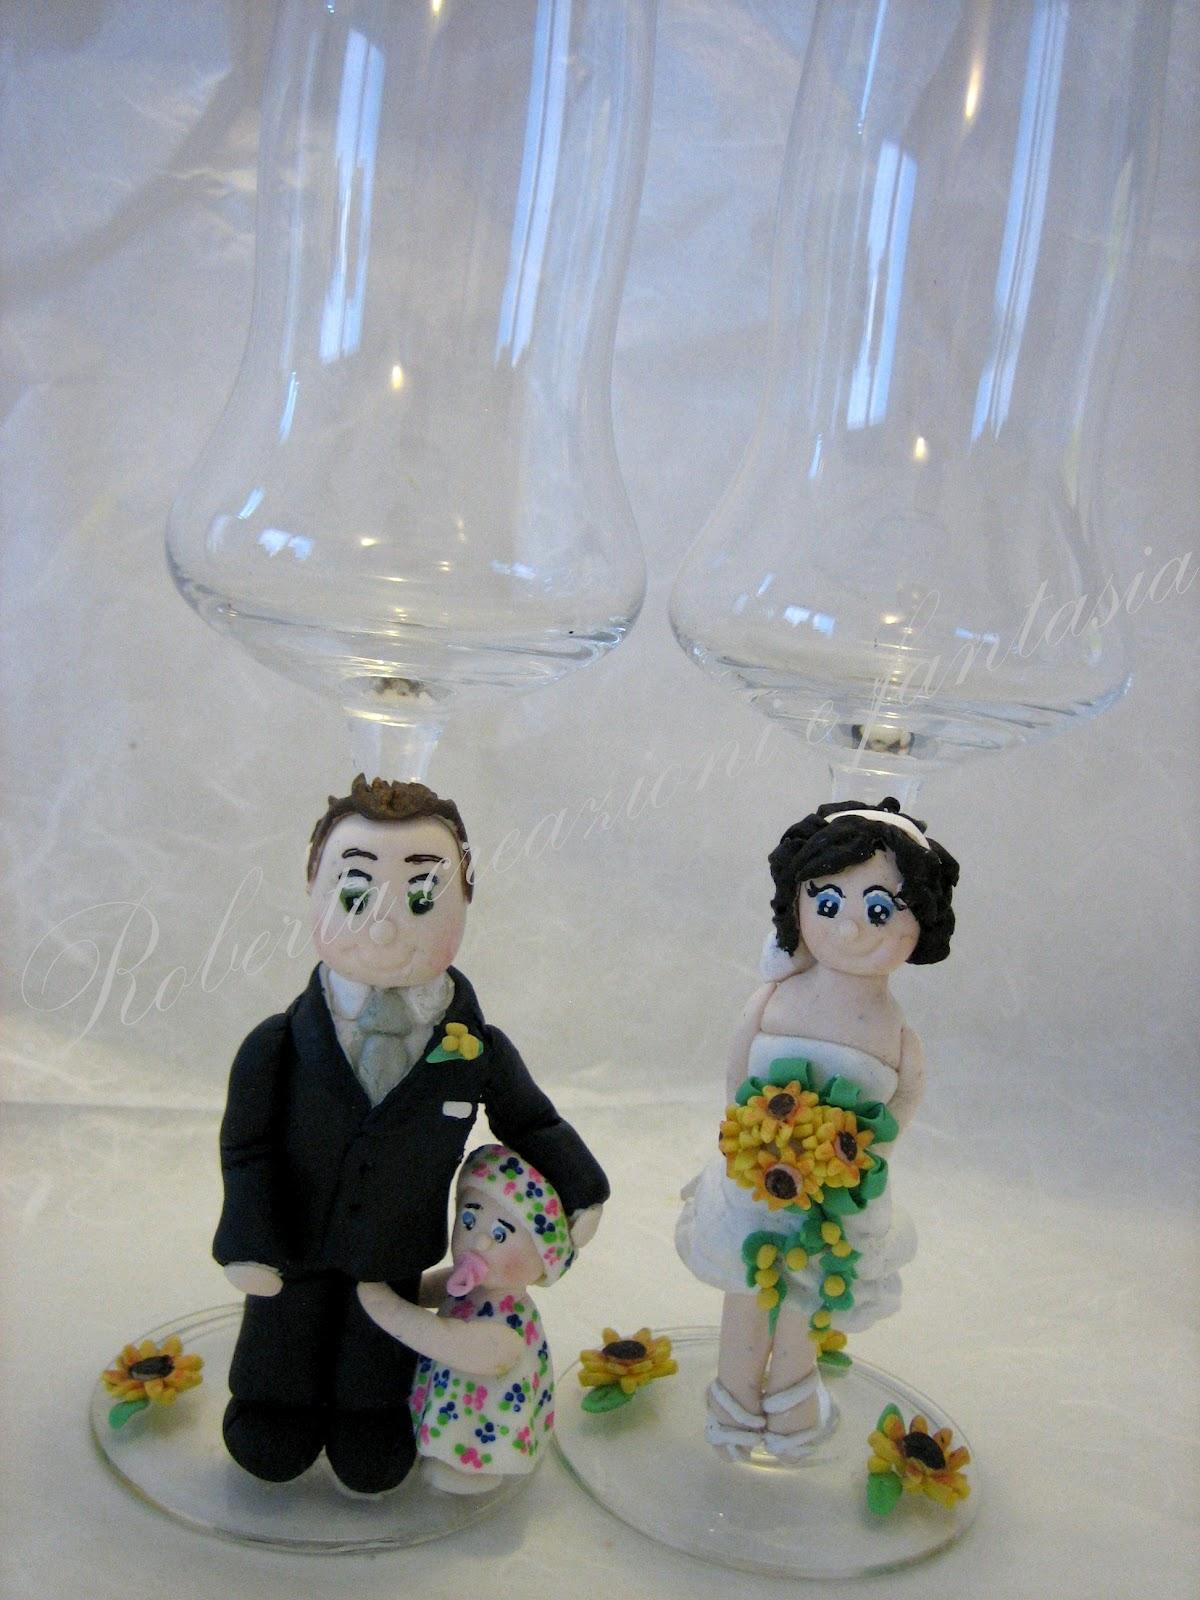 Bicchieri decorati sposi roberta creazioni e fantasia in pasta di mais e non solo - Bicchieri decorati per natale ...